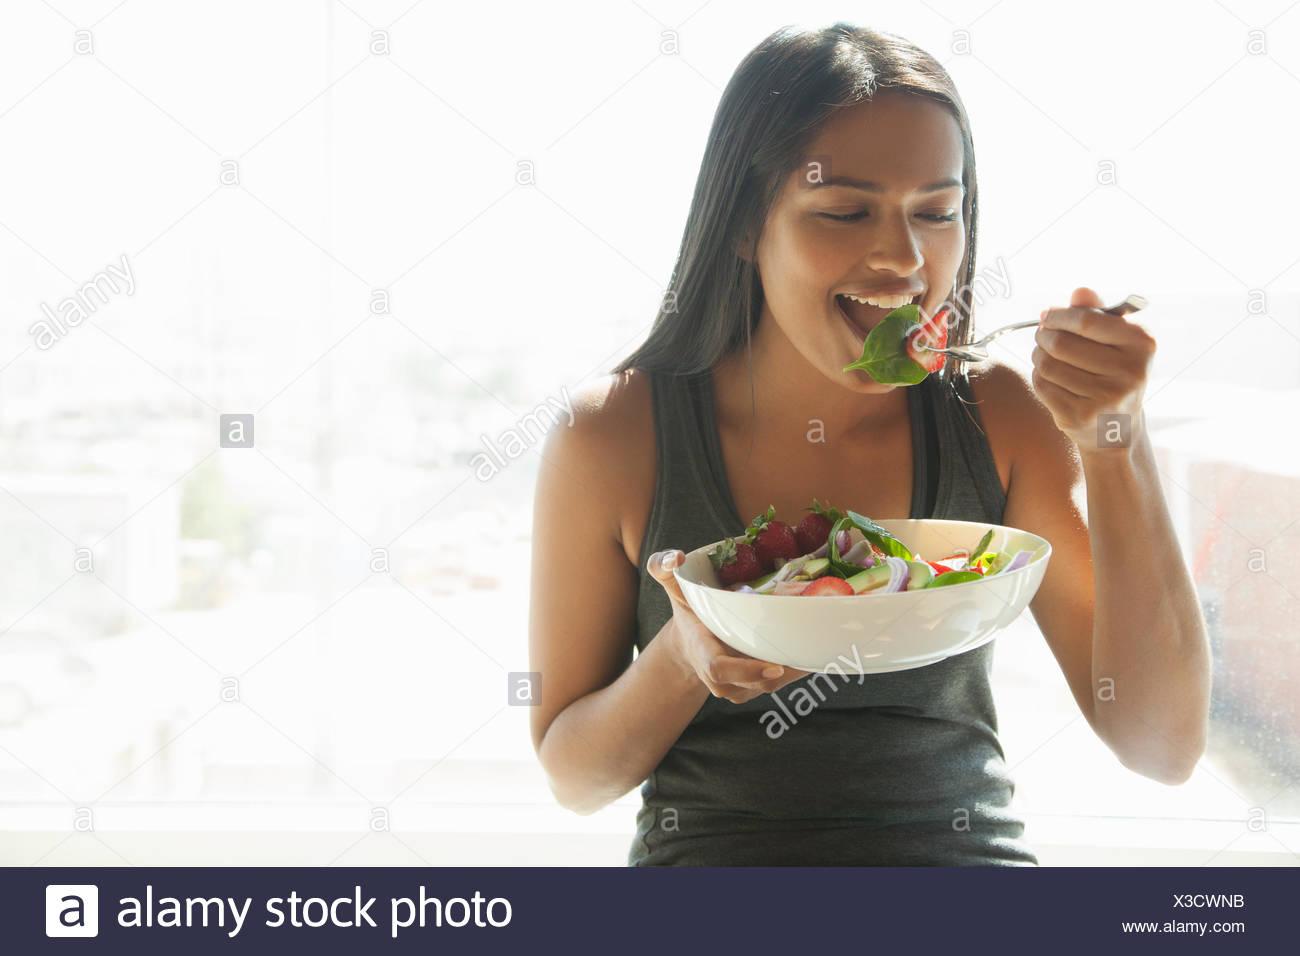 Woman eating salad at home Photo Stock